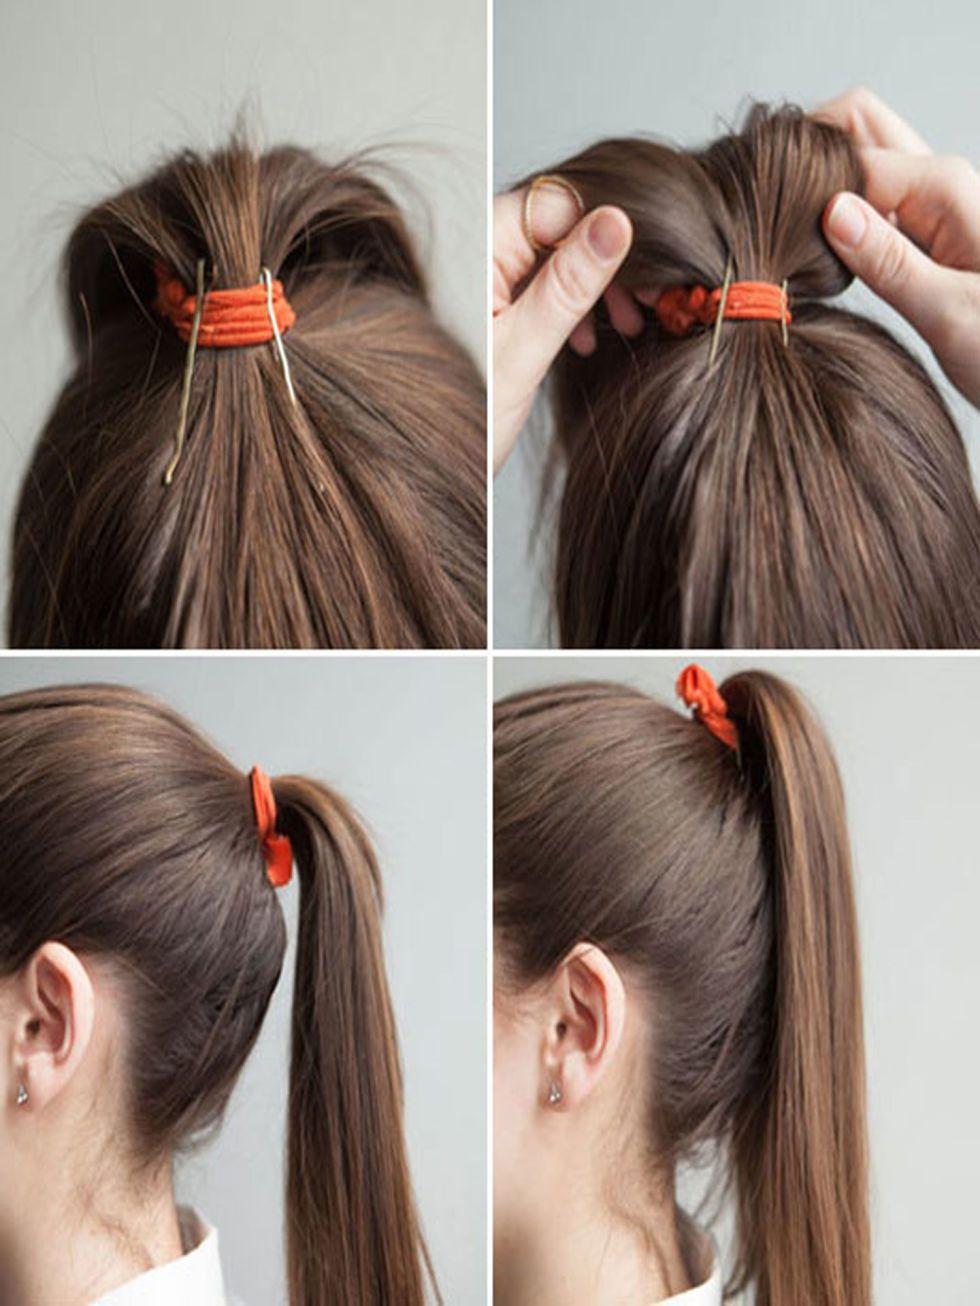 11 life-changing ponytail hacks